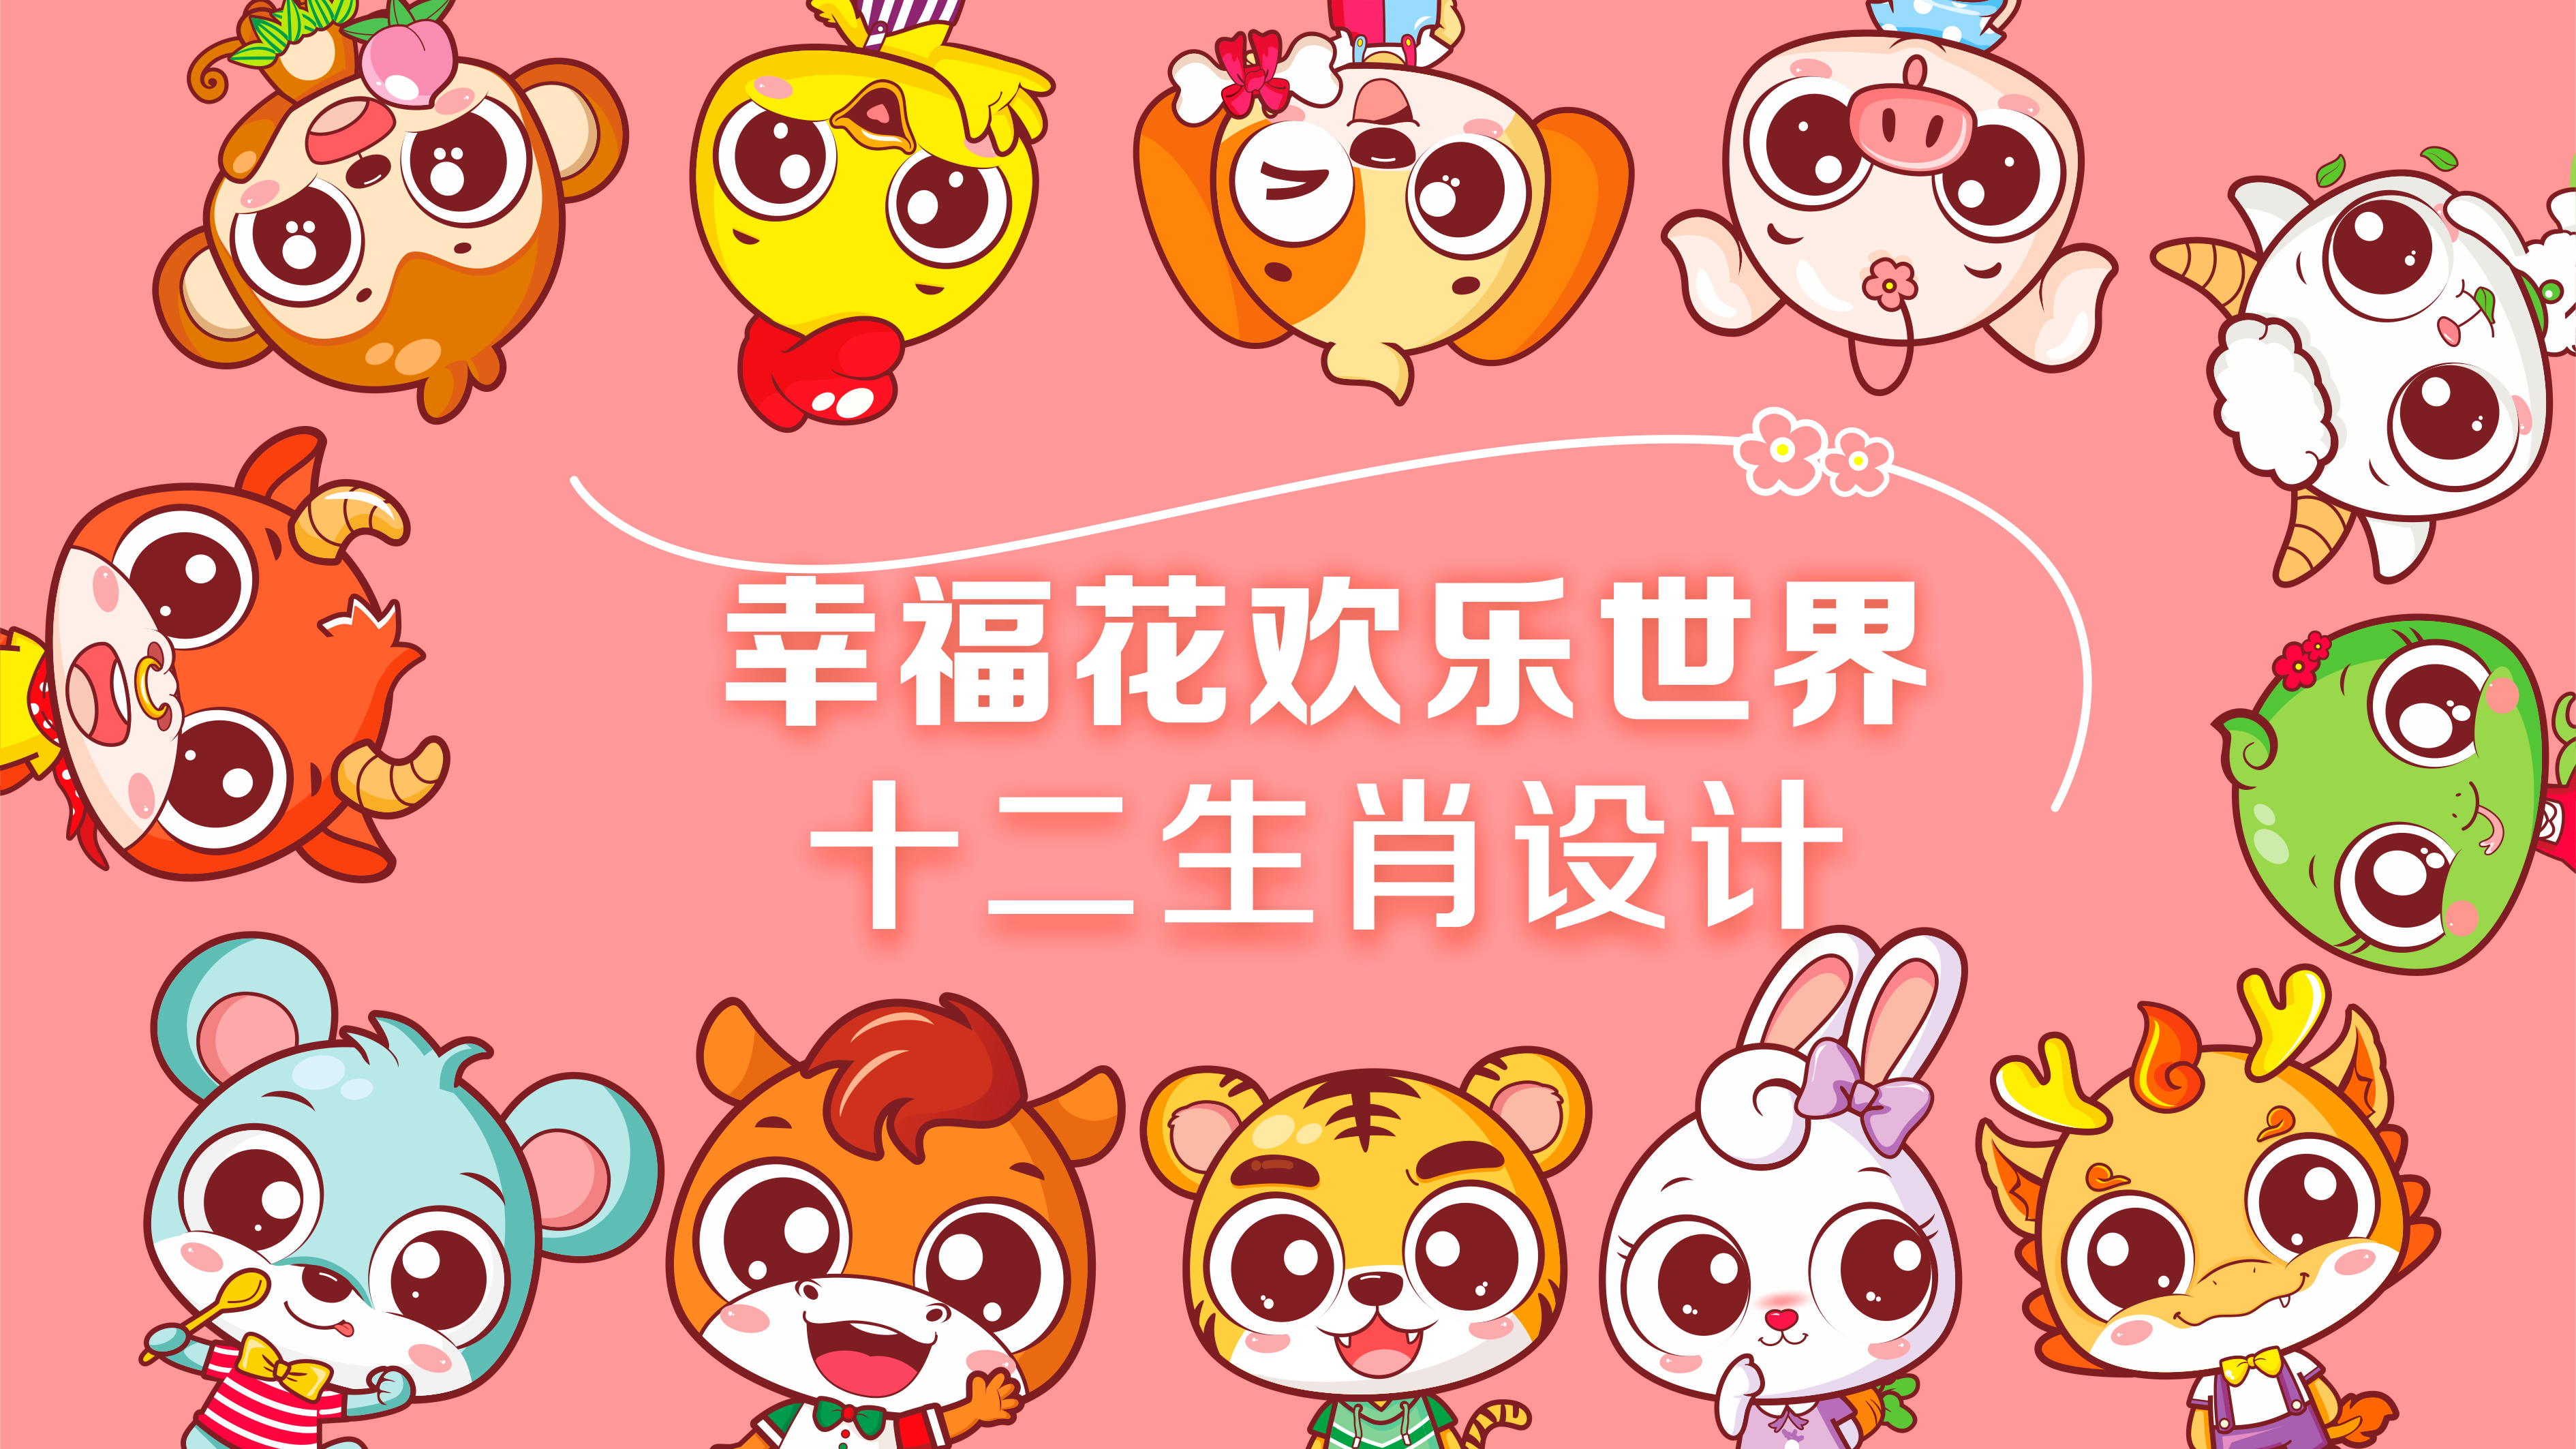 天津幸福花欢乐世界吉祥物乐天堂fun88备用网站